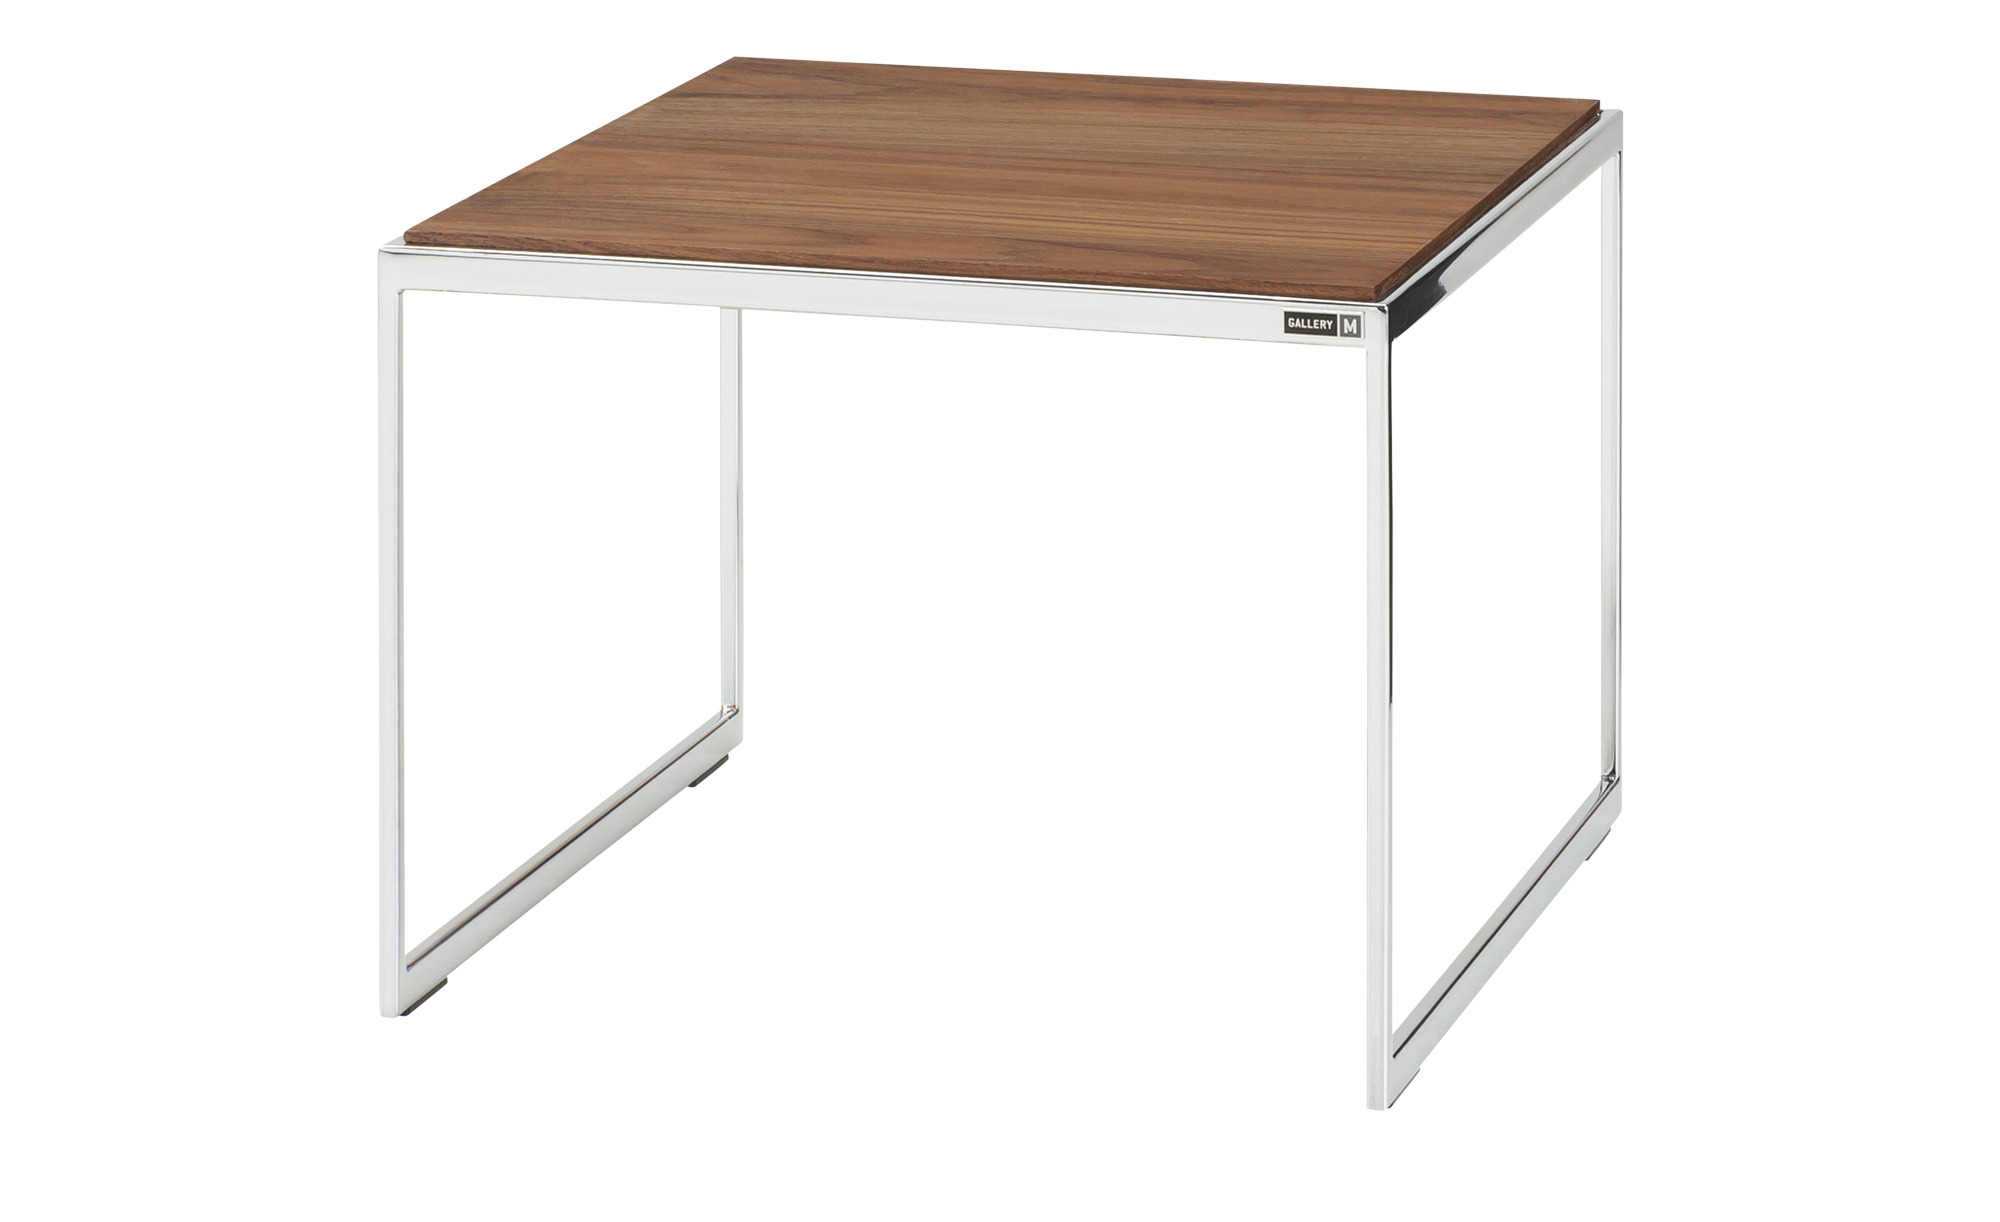 Gallery M Satztisch  Toscana T1506 - 45 cm - 35 cm - 45 cm - Tische > Couchtische - Möbel Kraft   Wohnzimmer > Tische > Satztische & Sets   Gallery M